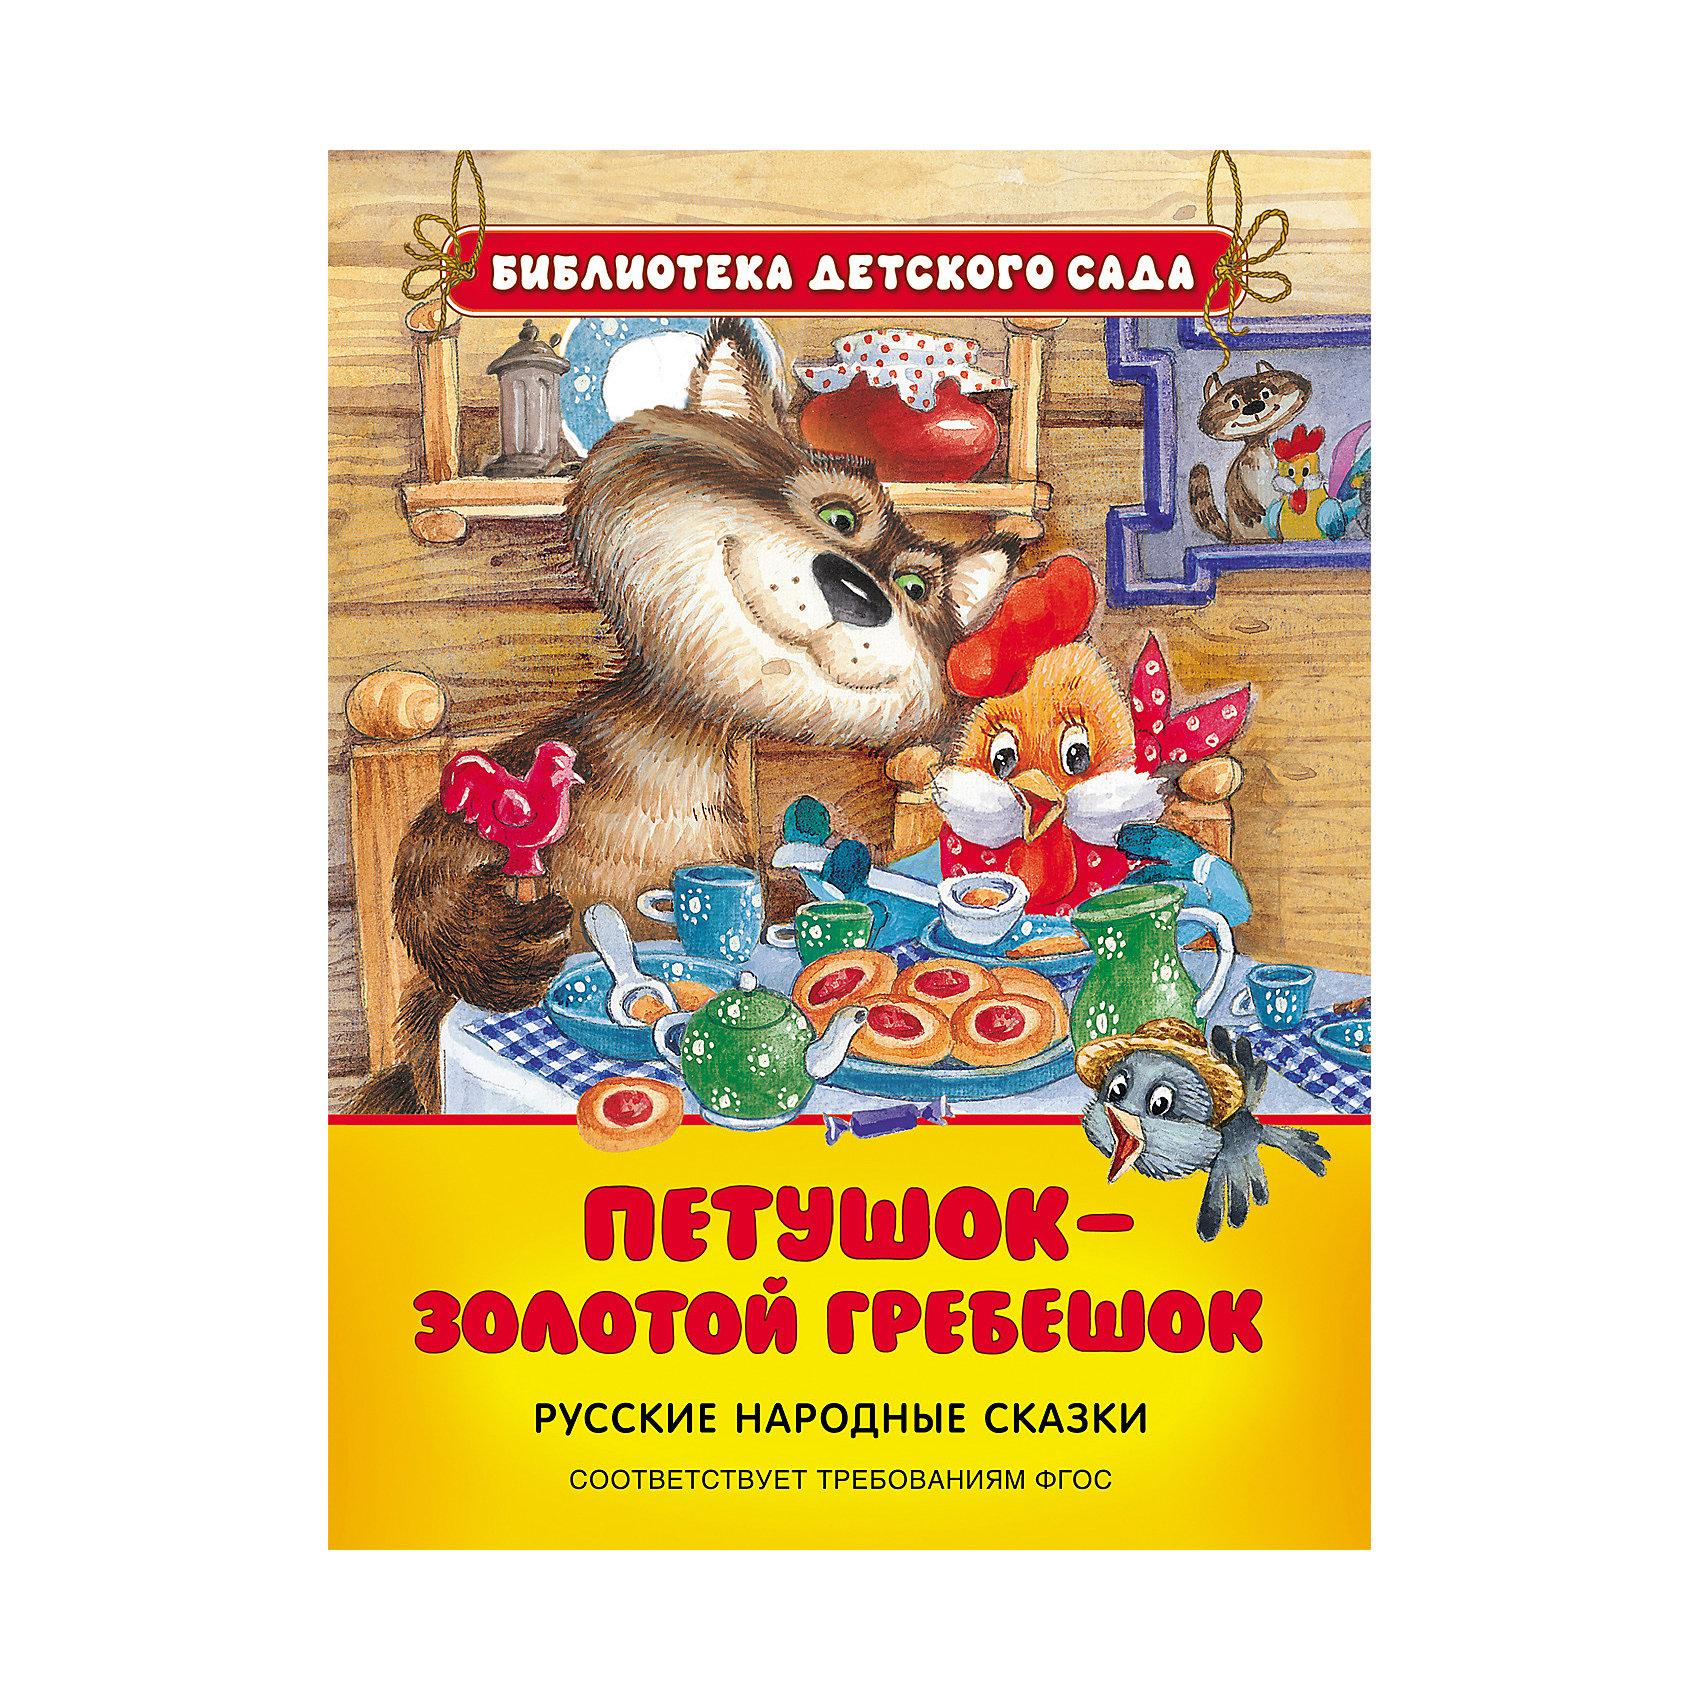 Петушок - золотой гребешокПрекрасная книжка для Вашего ребенка! В нее вошли самые известные русские народные сказки: Петушок-золотой гребешок, У страха глаза велики, Лиса и журавль, Жихарка, Мужик и медведь, Пузырь, соломинка и лапоть.<br>&#13;<br>Дополнительная информация: <br><br>- Возраст: от 3 лет.<br>- Тип обложки: твердый переплет.<br>- Кол-во страниц: 48<br>- Материал: бумага, картон.<br>- Вес в упаковке: 205 г.<br>- ISBN: 9785353079286<br><br>Купить книжку Петушок-золотой гребешок, можно в нашем магазине.<br><br>Ширина мм: 222<br>Глубина мм: 166<br>Высота мм: 5<br>Вес г: 205<br>Возраст от месяцев: 24<br>Возраст до месяцев: 72<br>Пол: Унисекс<br>Возраст: Детский<br>SKU: 4970605